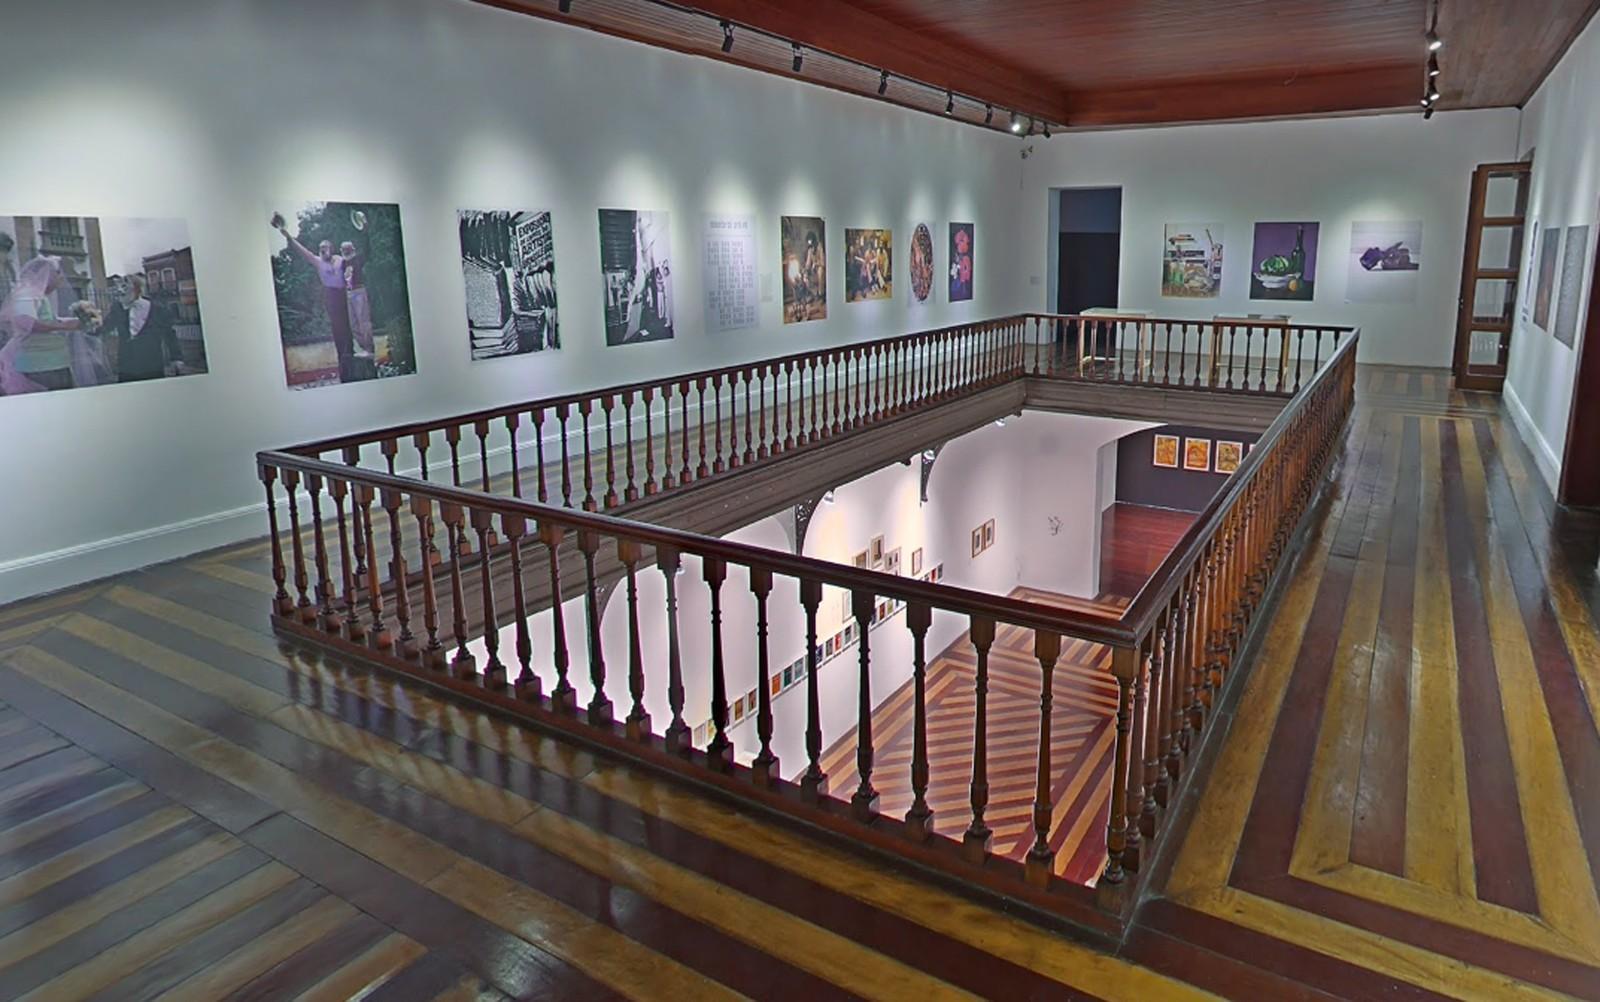 Museu de Arte Moderna Aloísio Magalhães ganha tour virtual em 360 graus